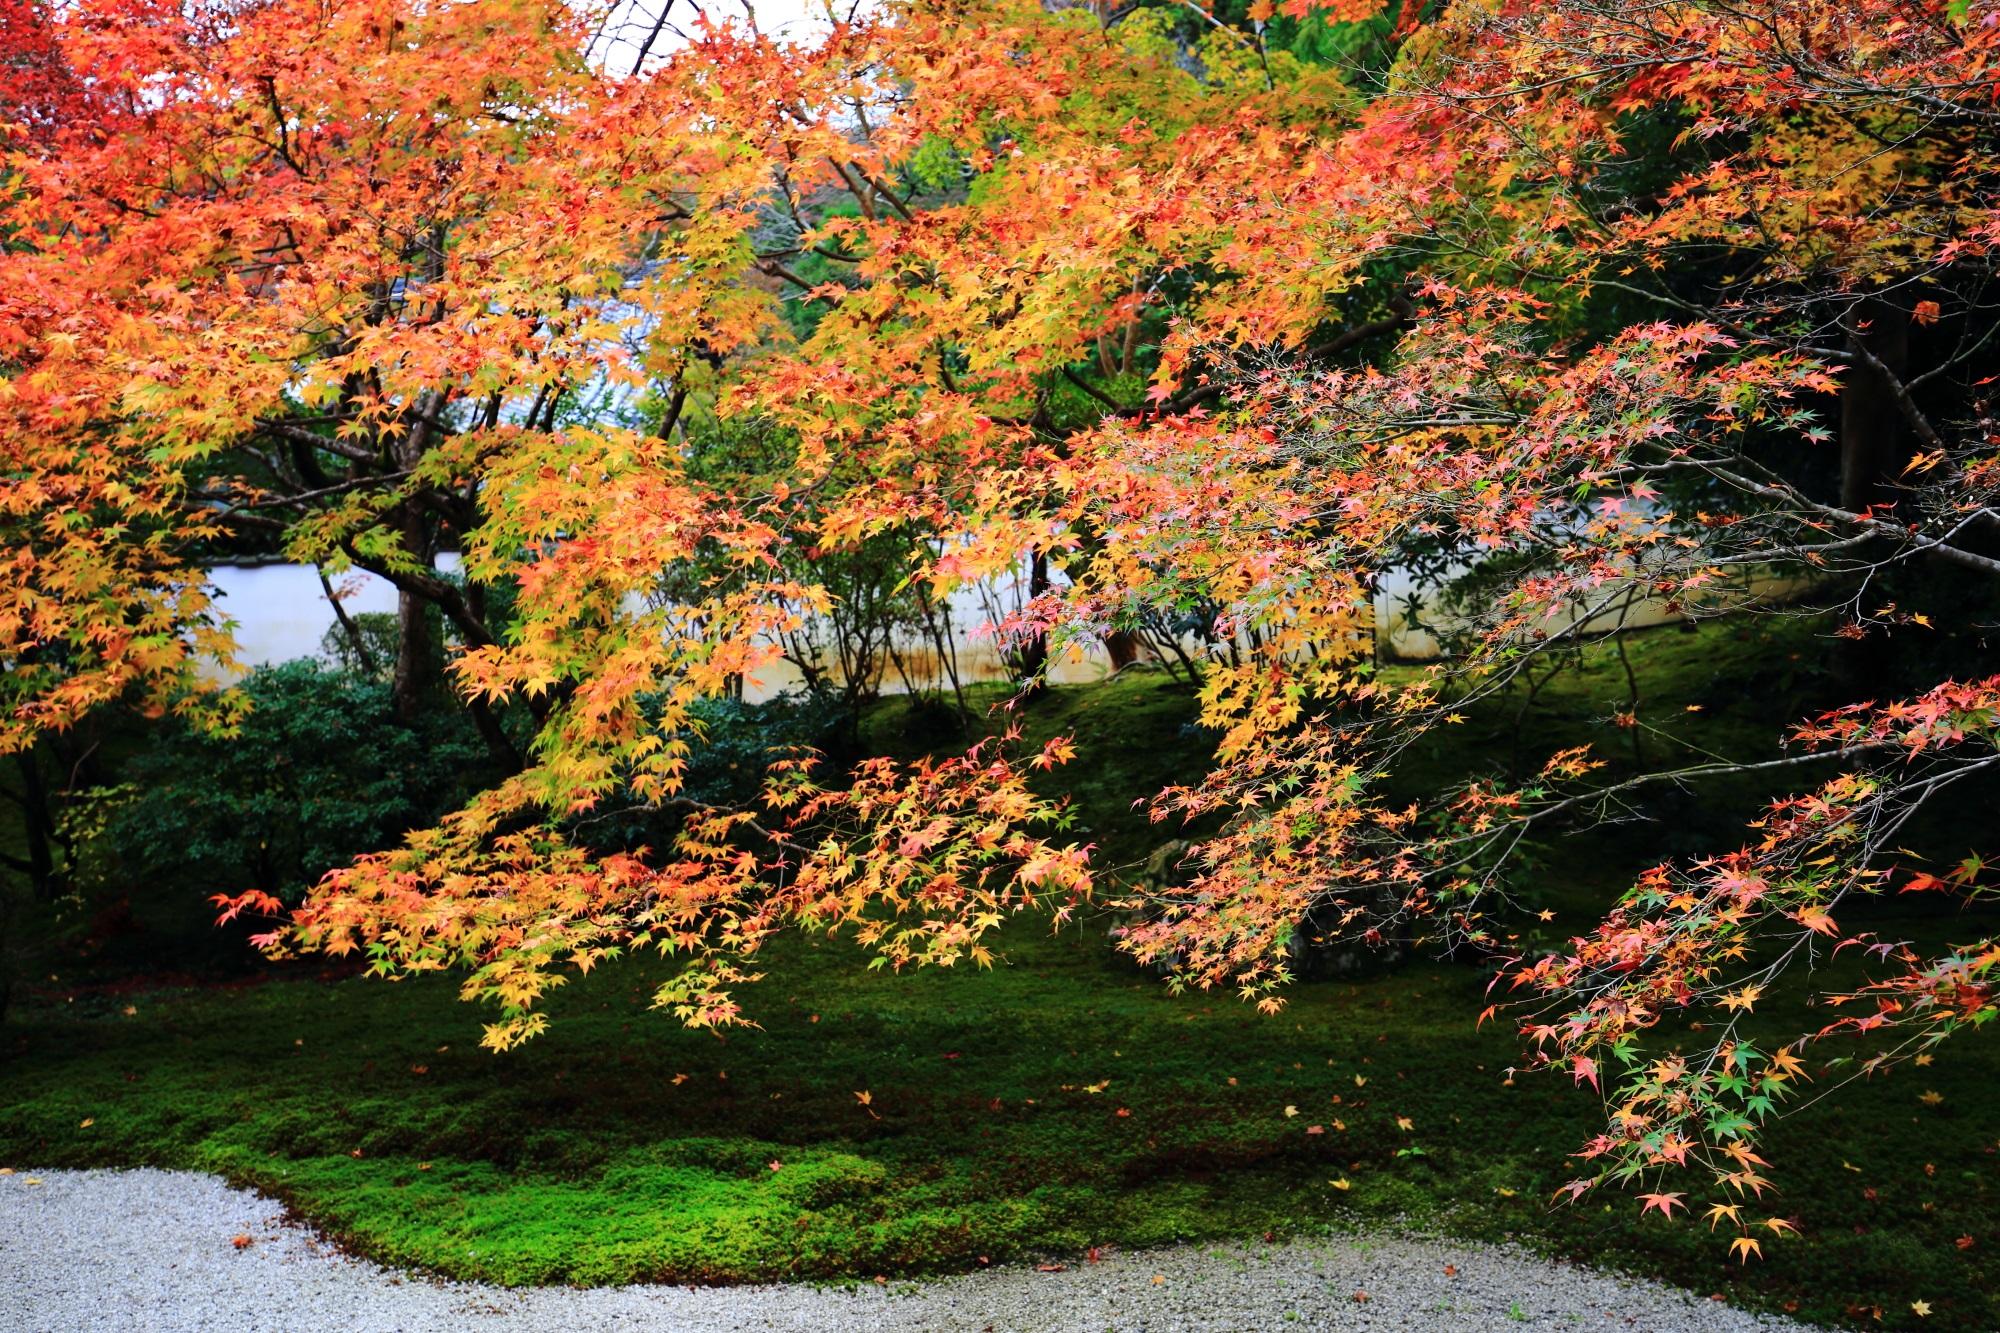 天授庵の緑の苔の上で華やぐ風情ある紅葉